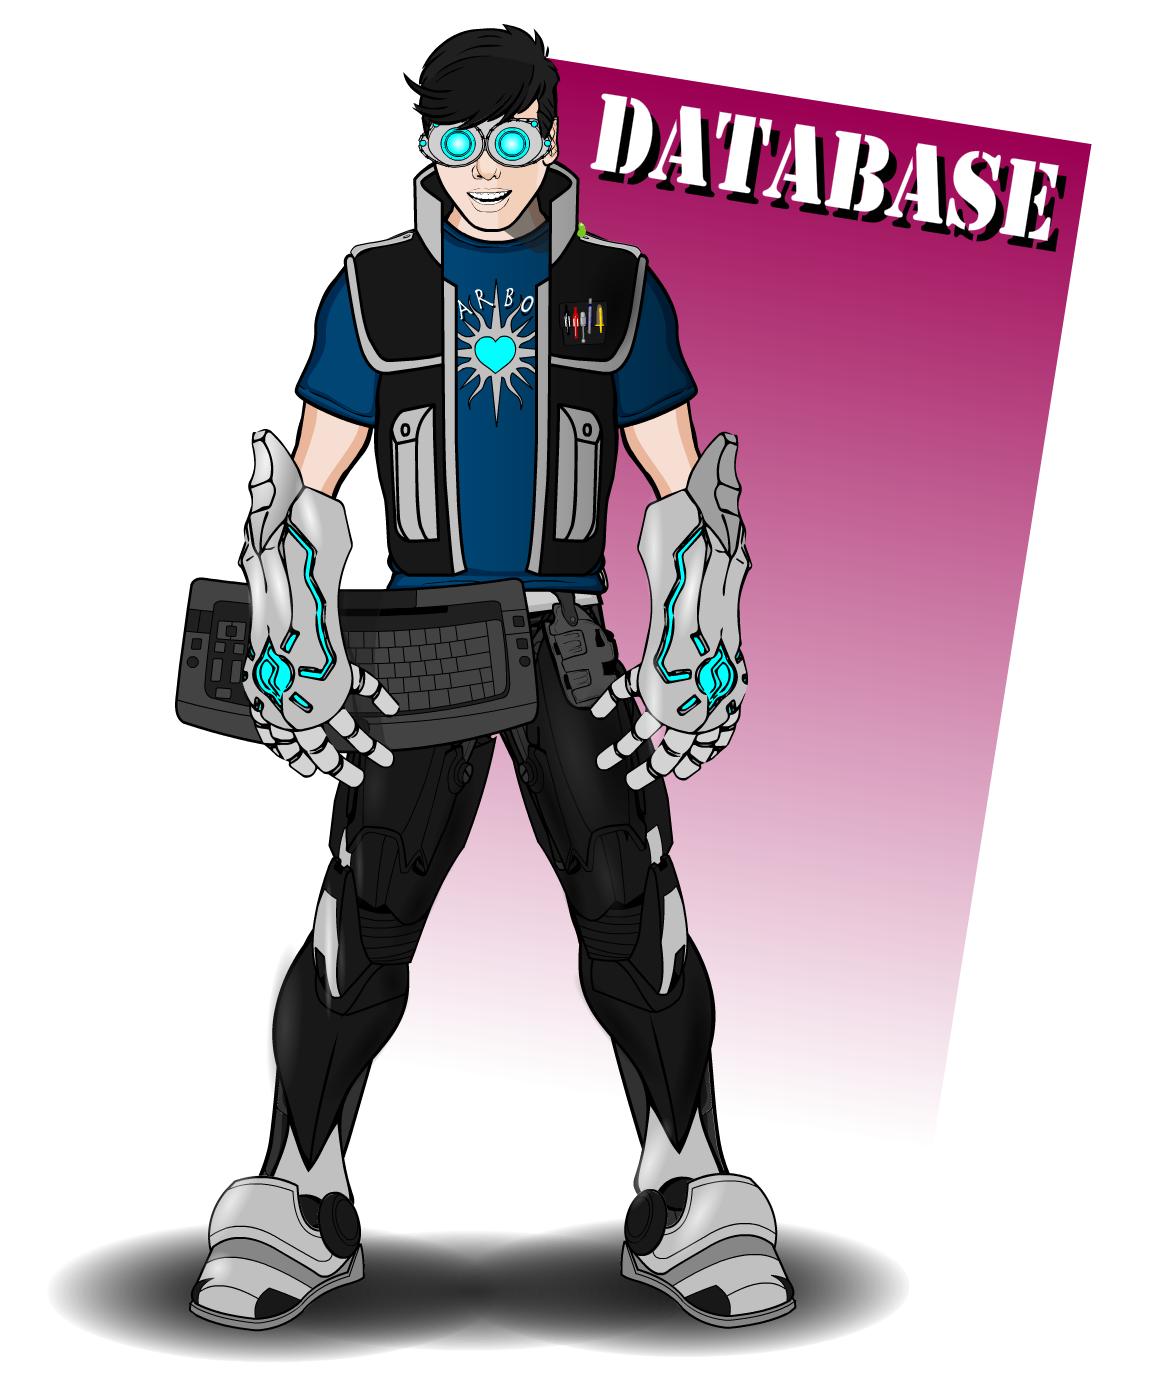 """""""WOOOOOOOOOOWWWW!!!"""" - Database"""